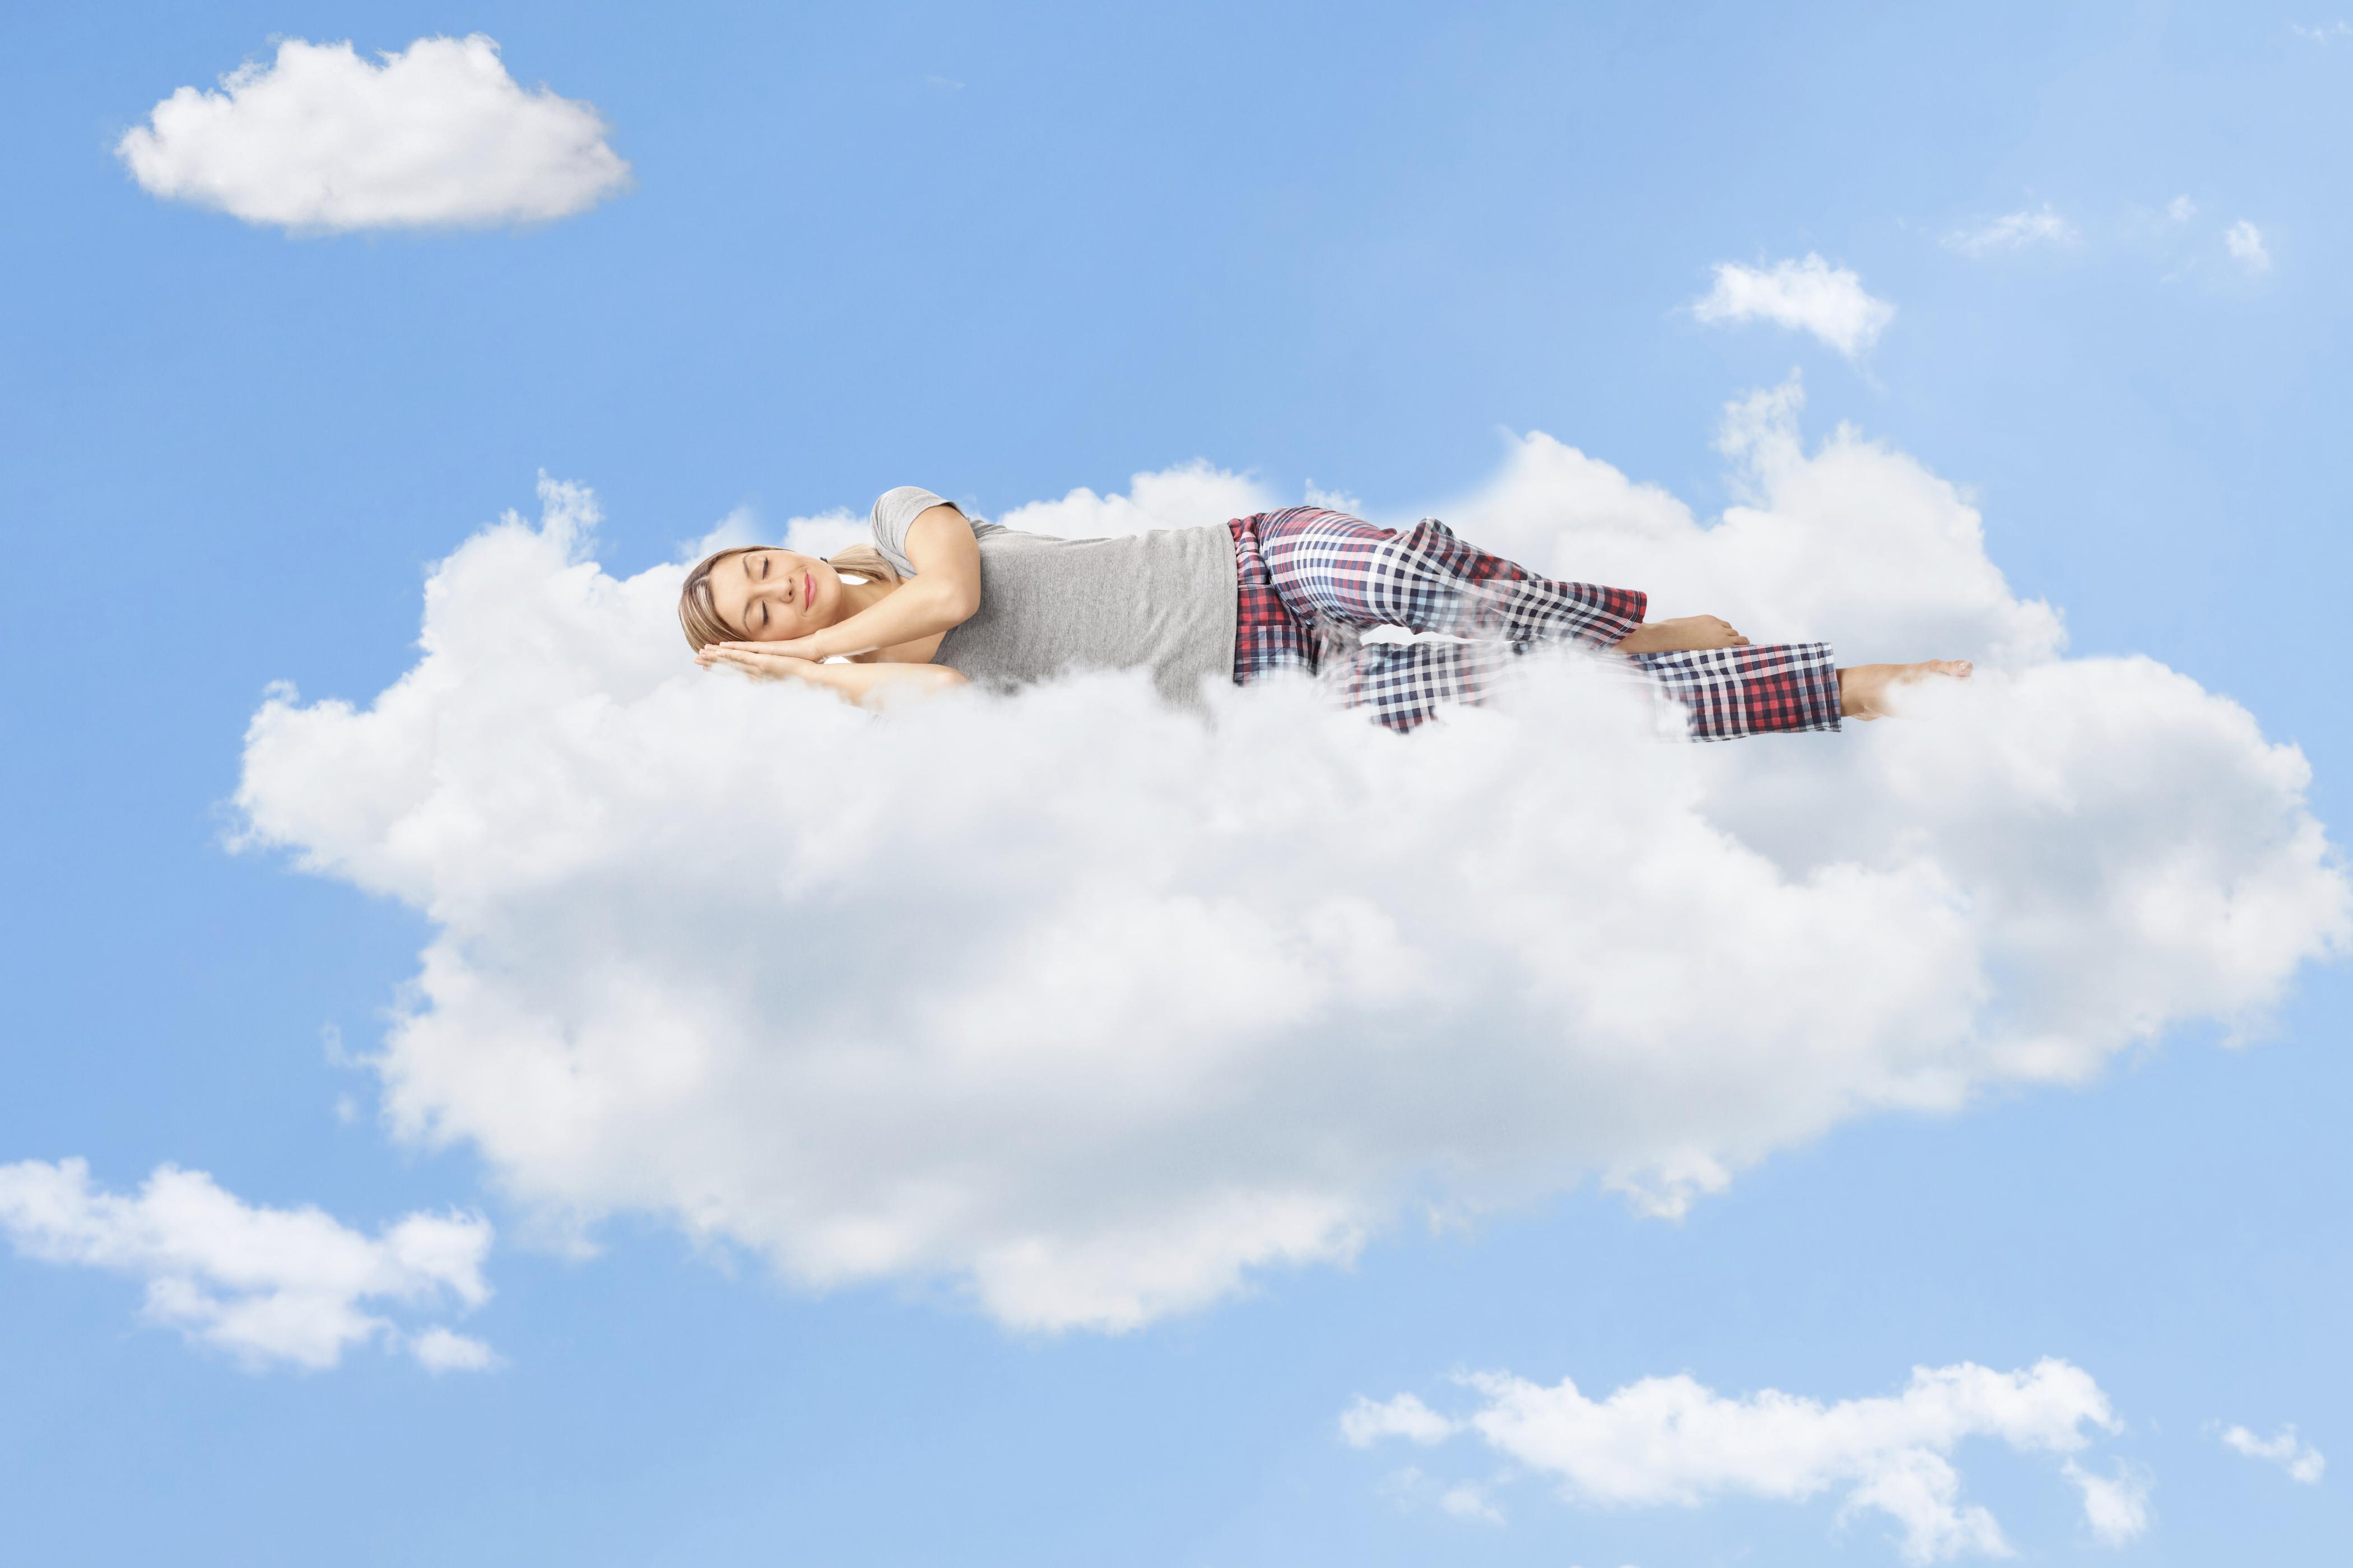 Relaxing Sleep Amid Summer Thrills